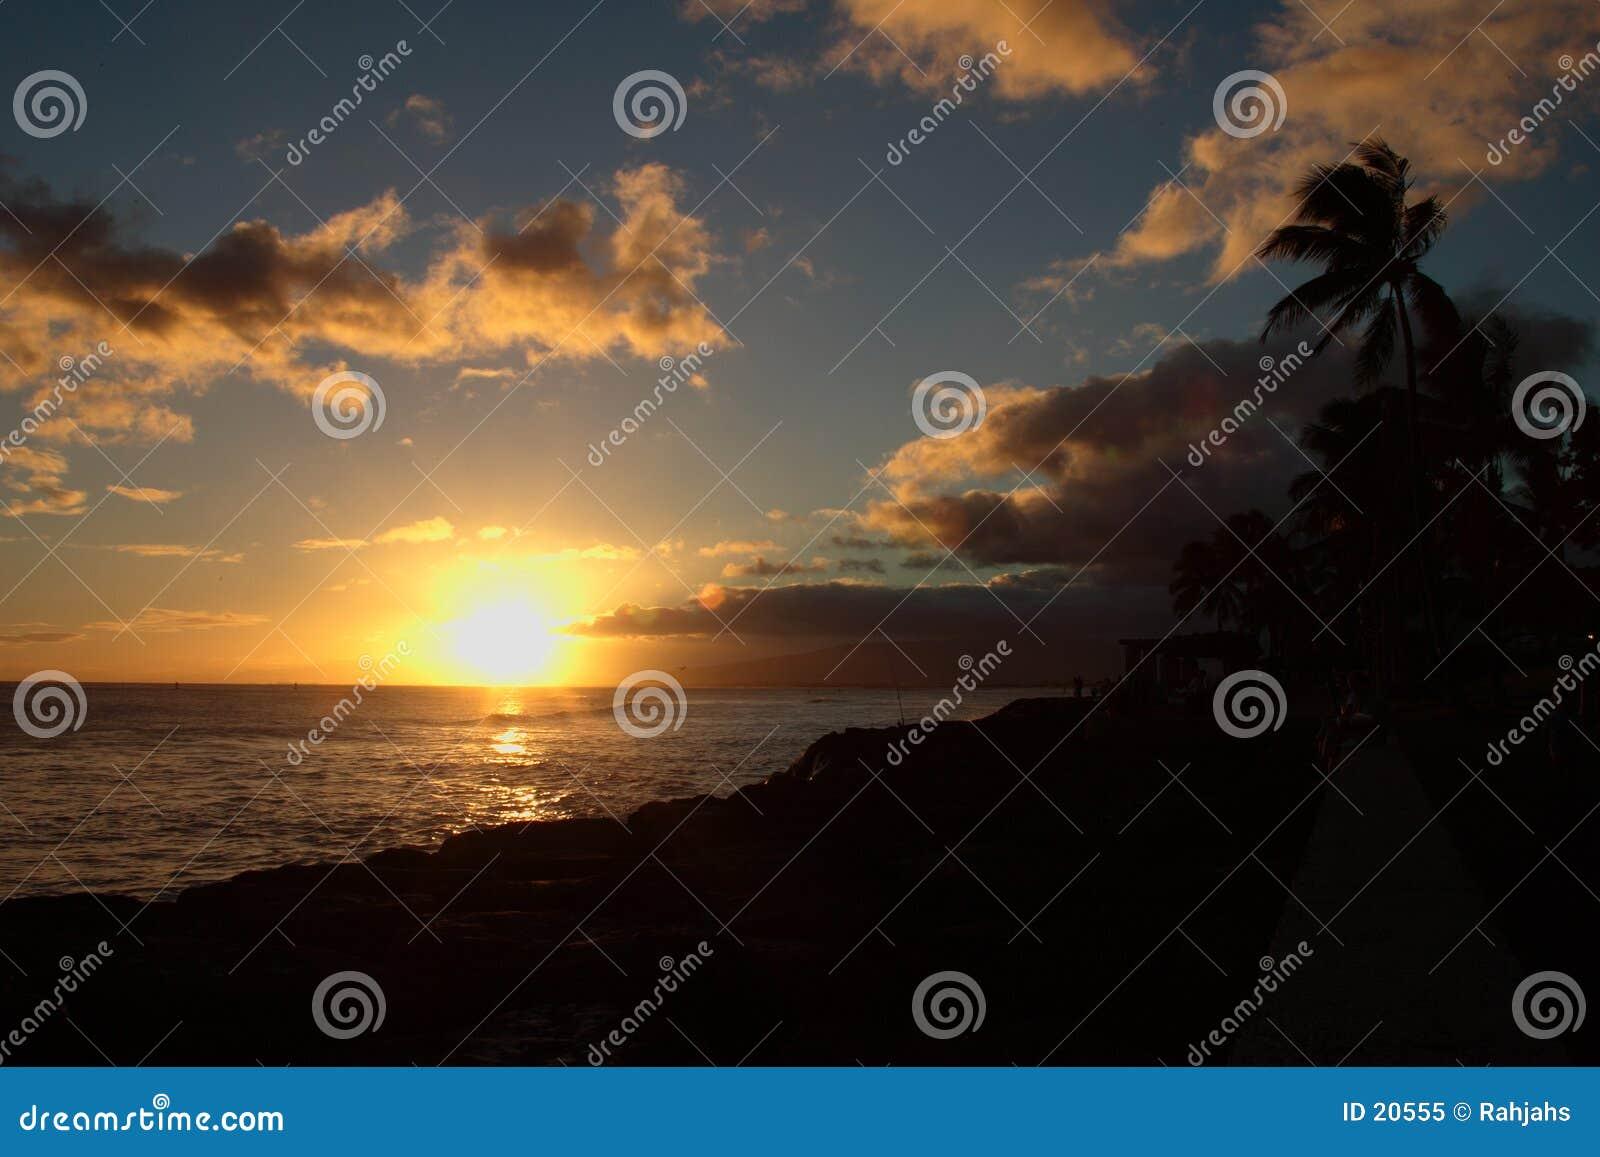 Kakaako Sunset